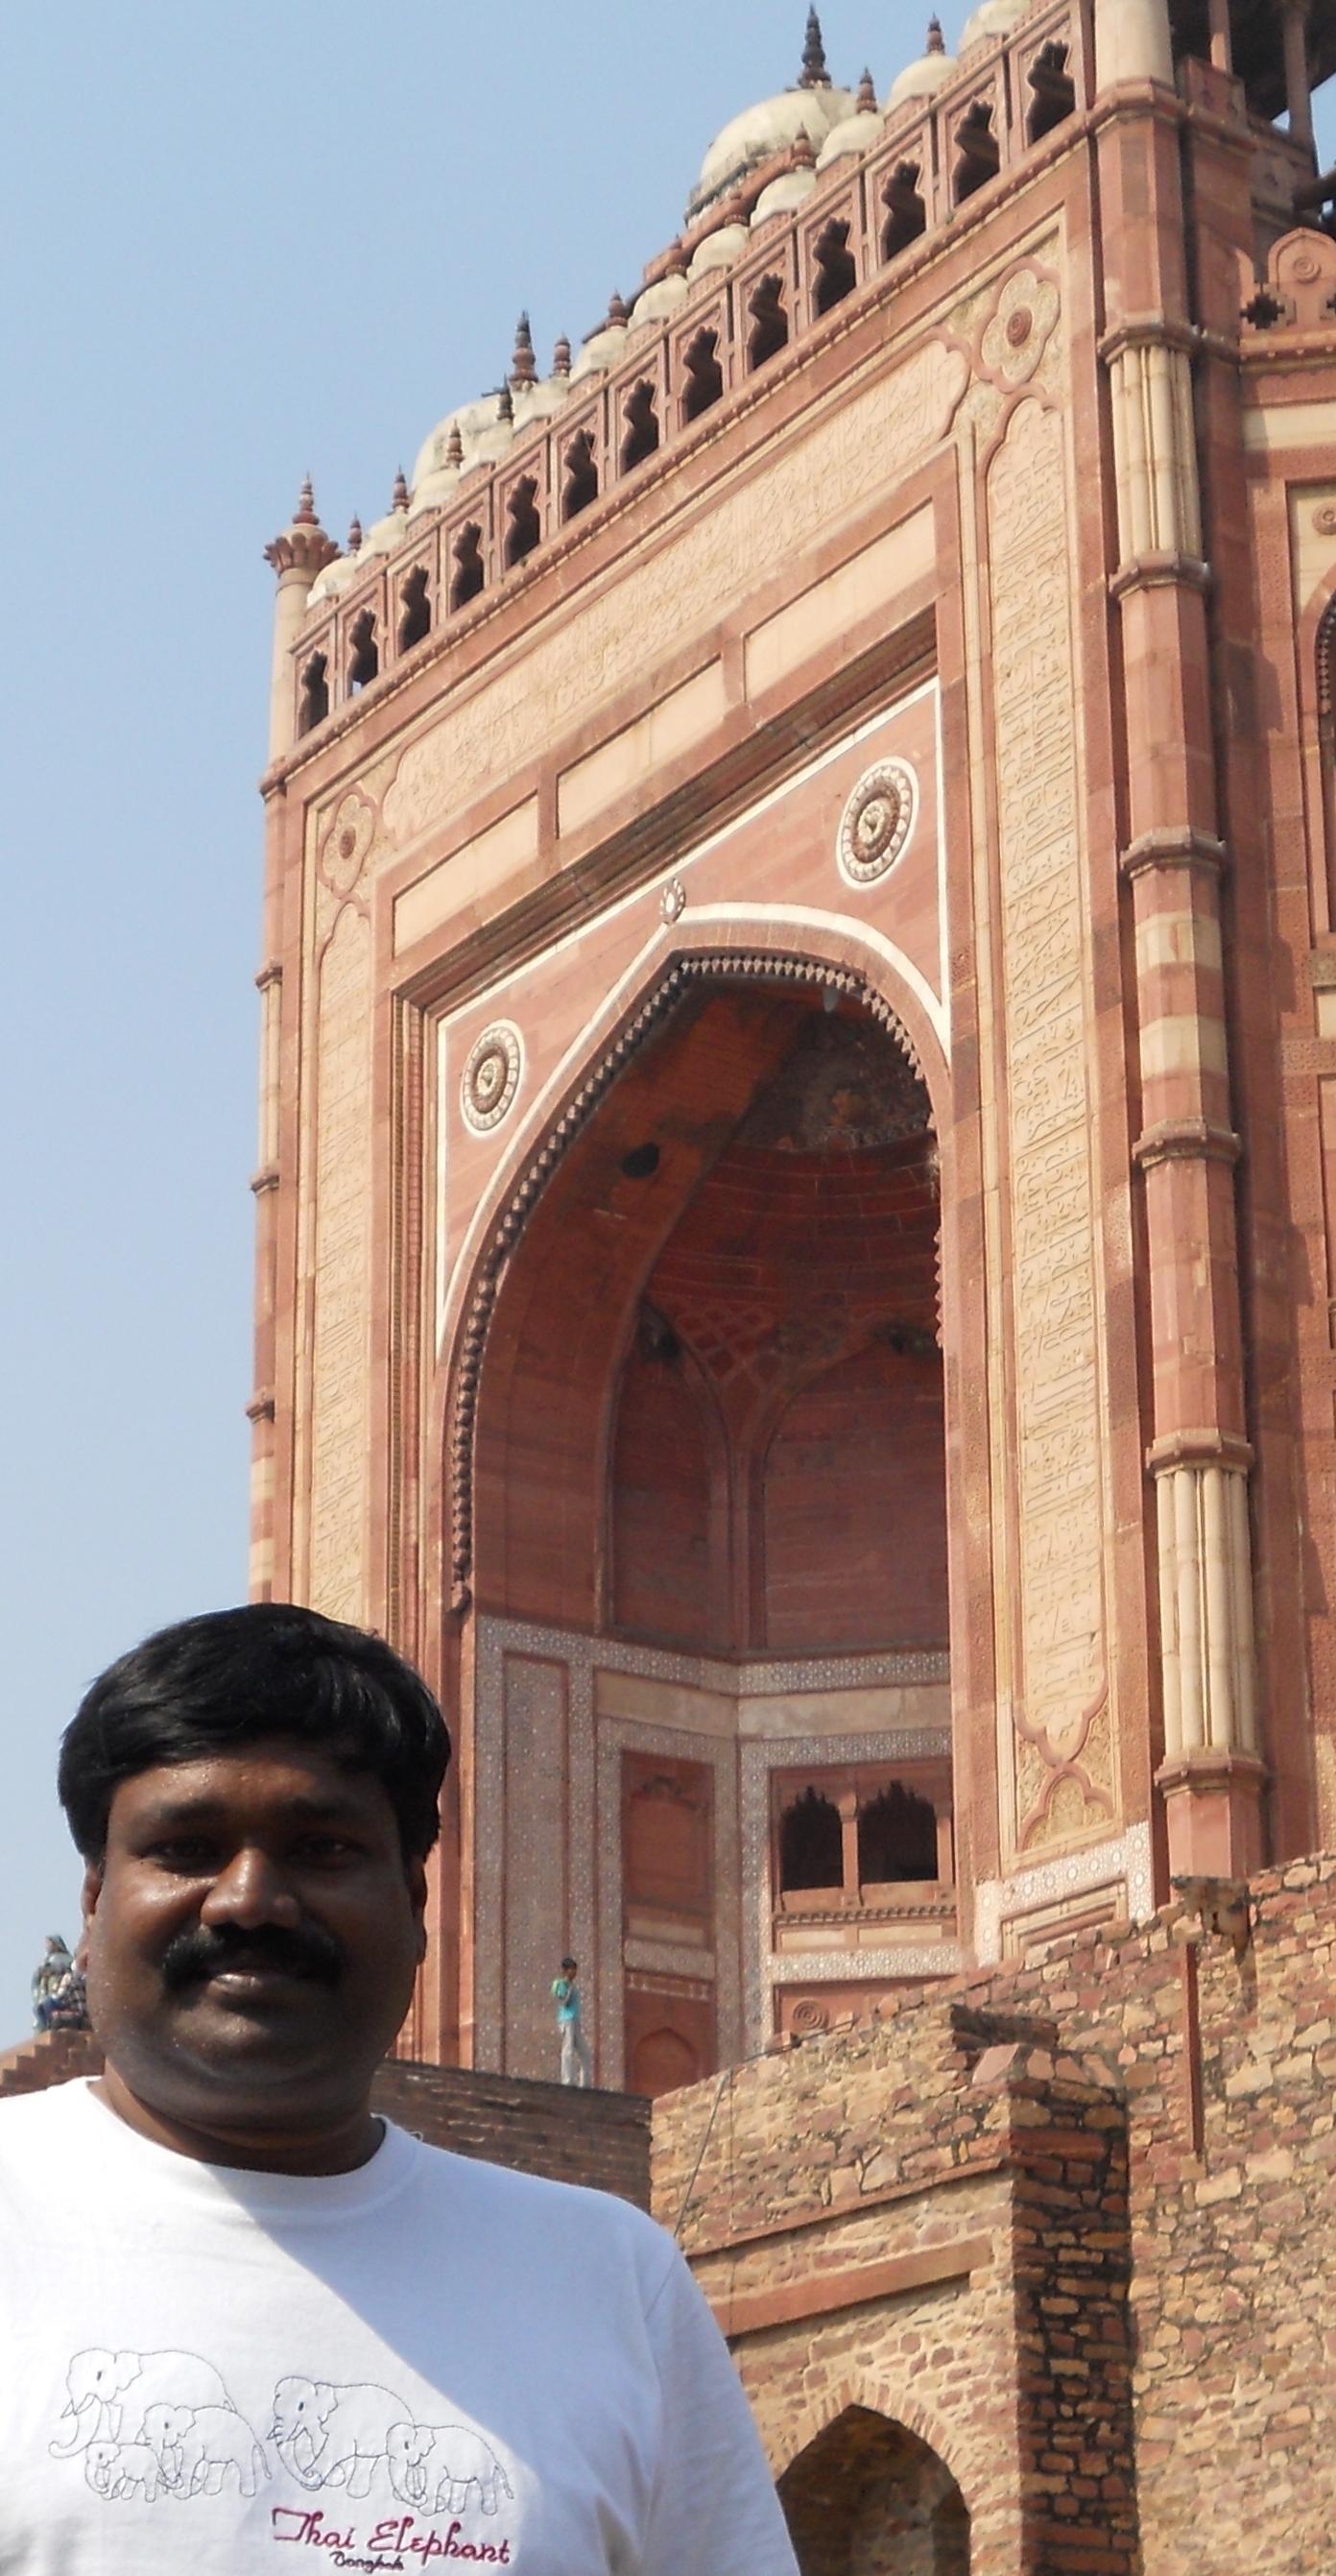 Bulan Darwaza,Fatepur sikri